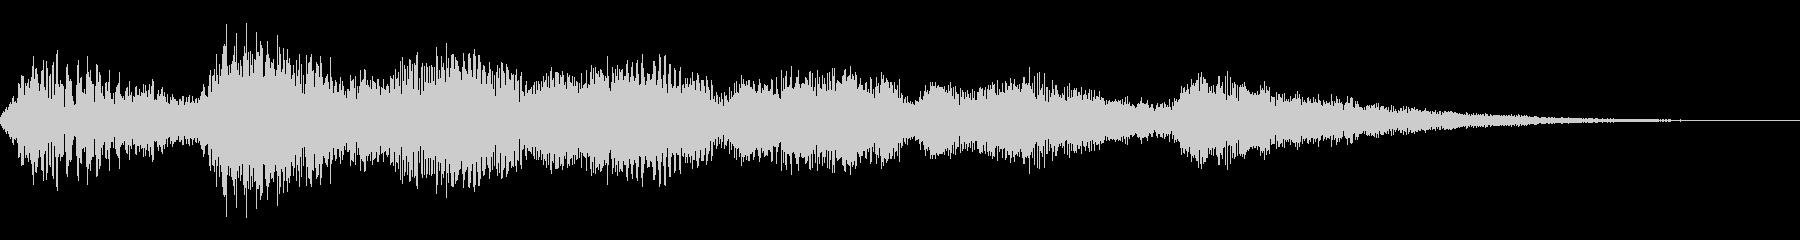 ハープの回復音の未再生の波形